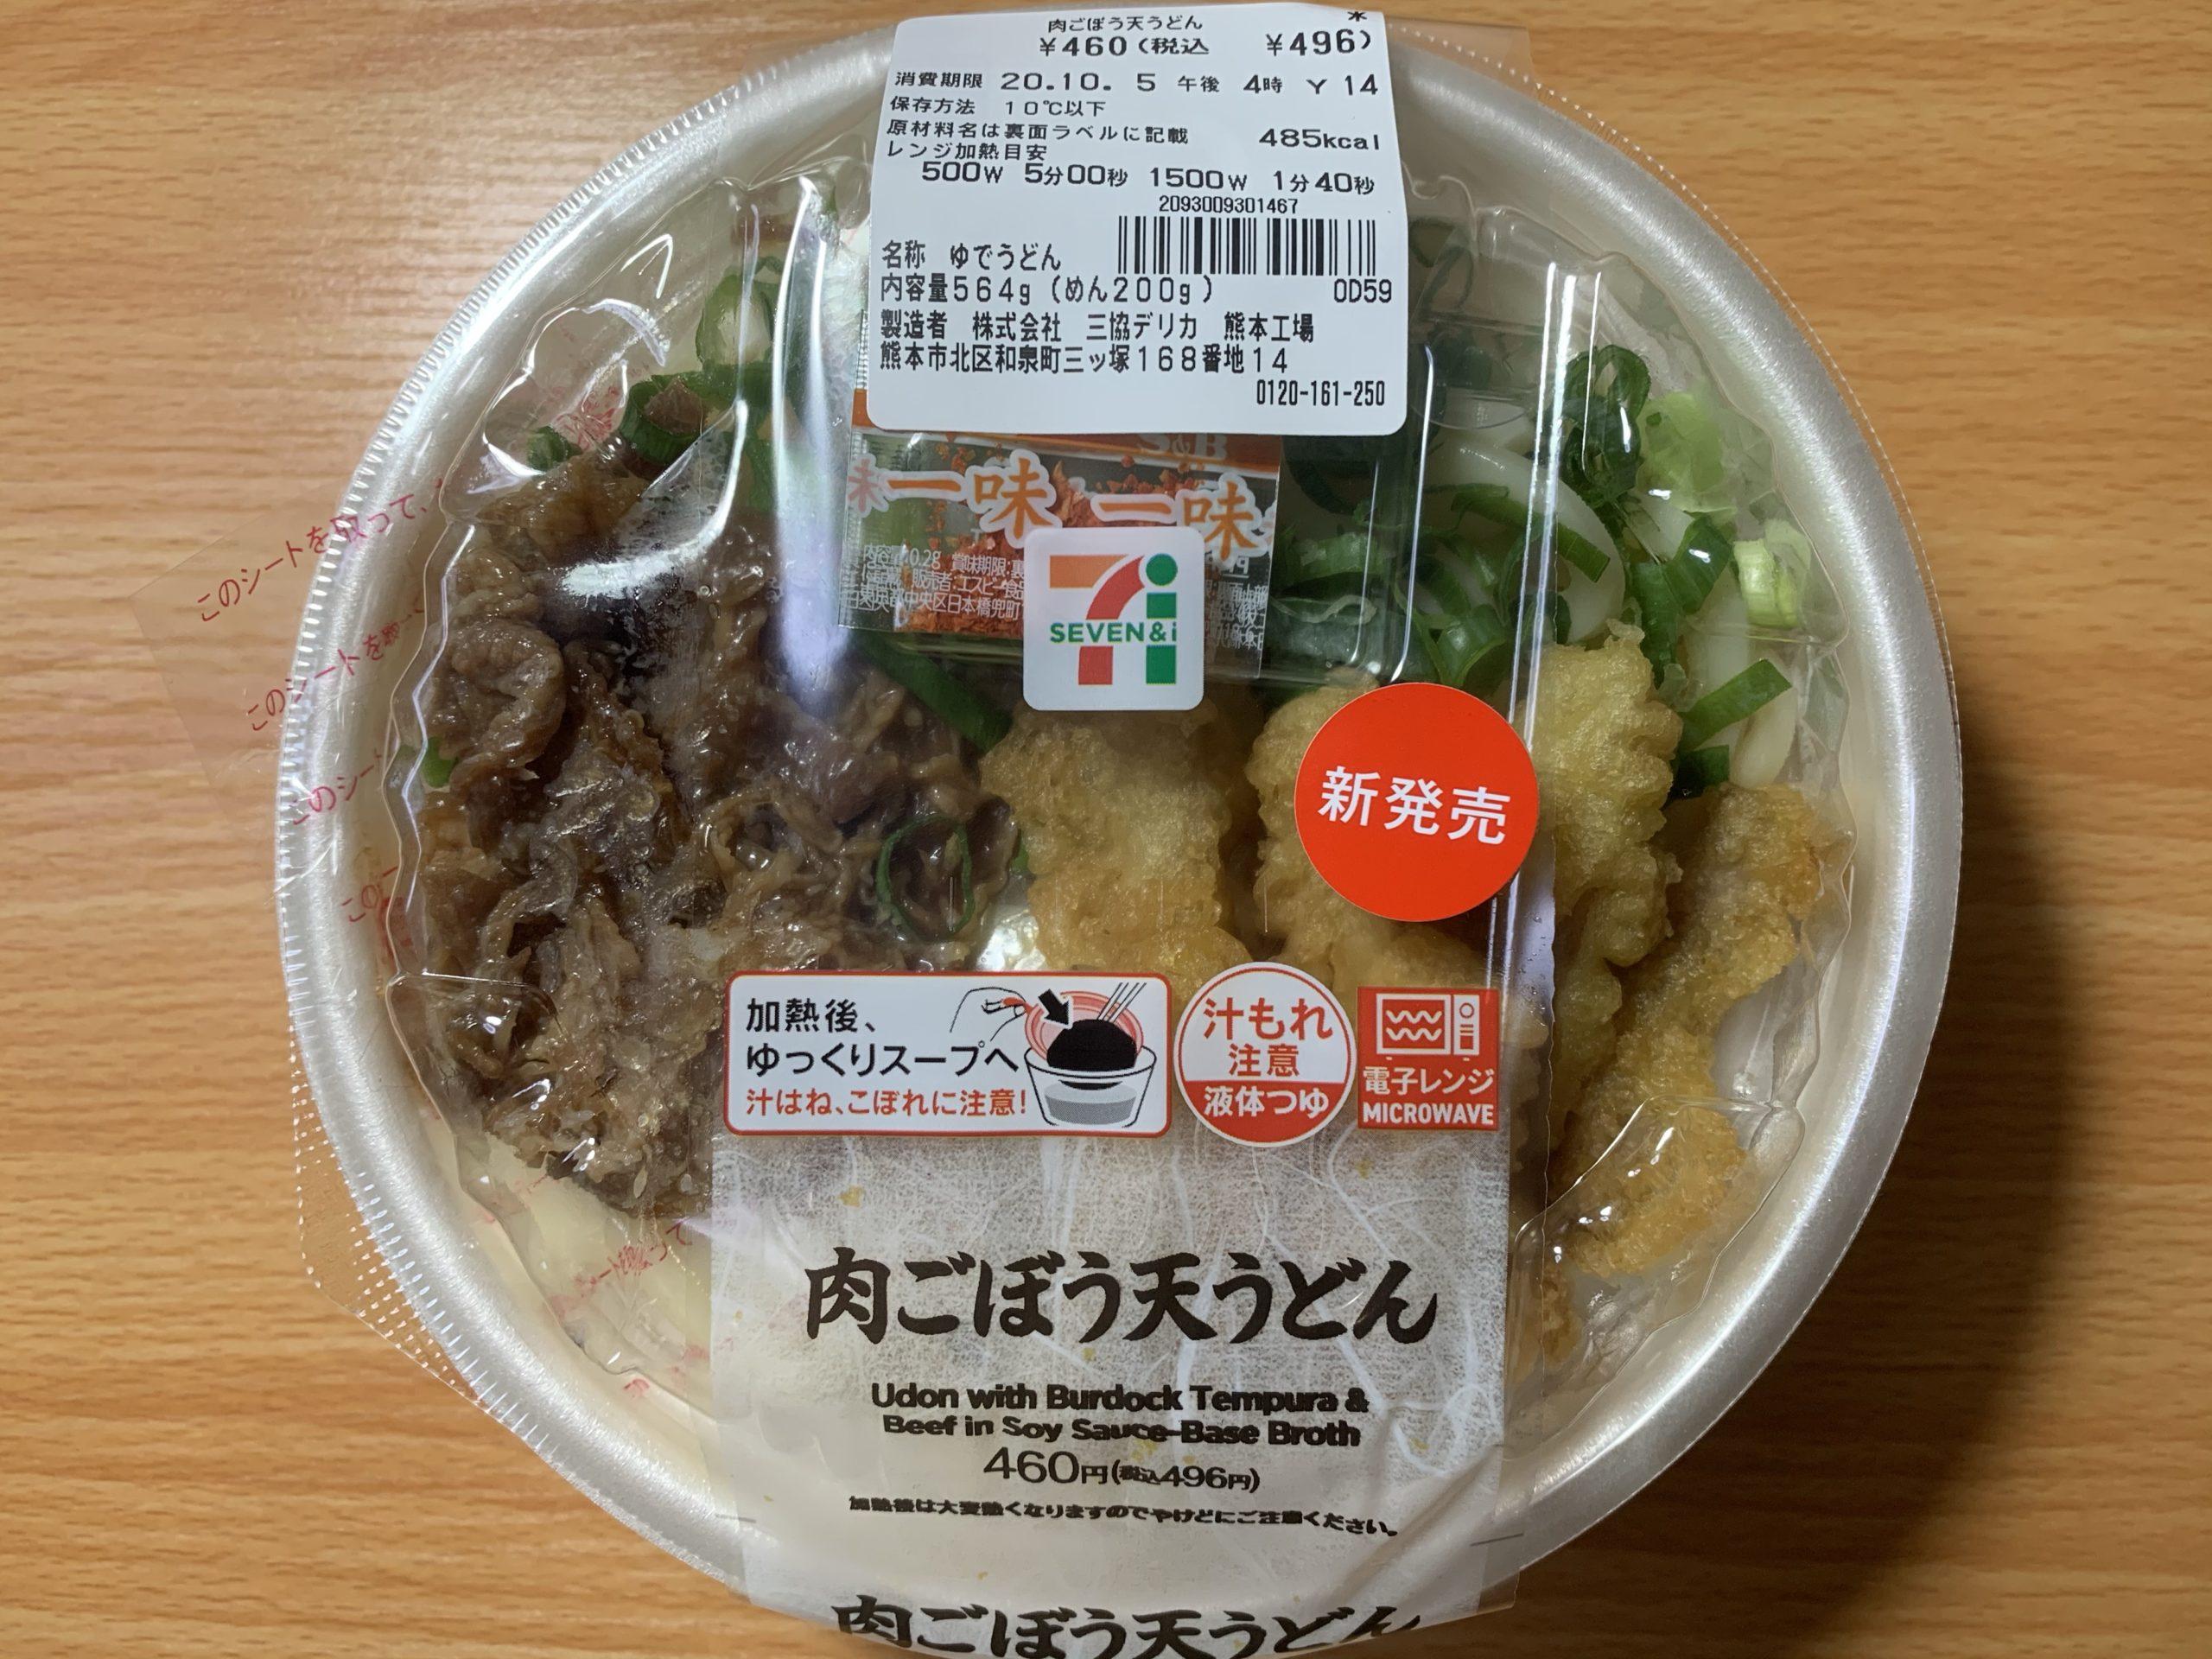 セブンイレブンの肉ごぼう天うどんの紹介